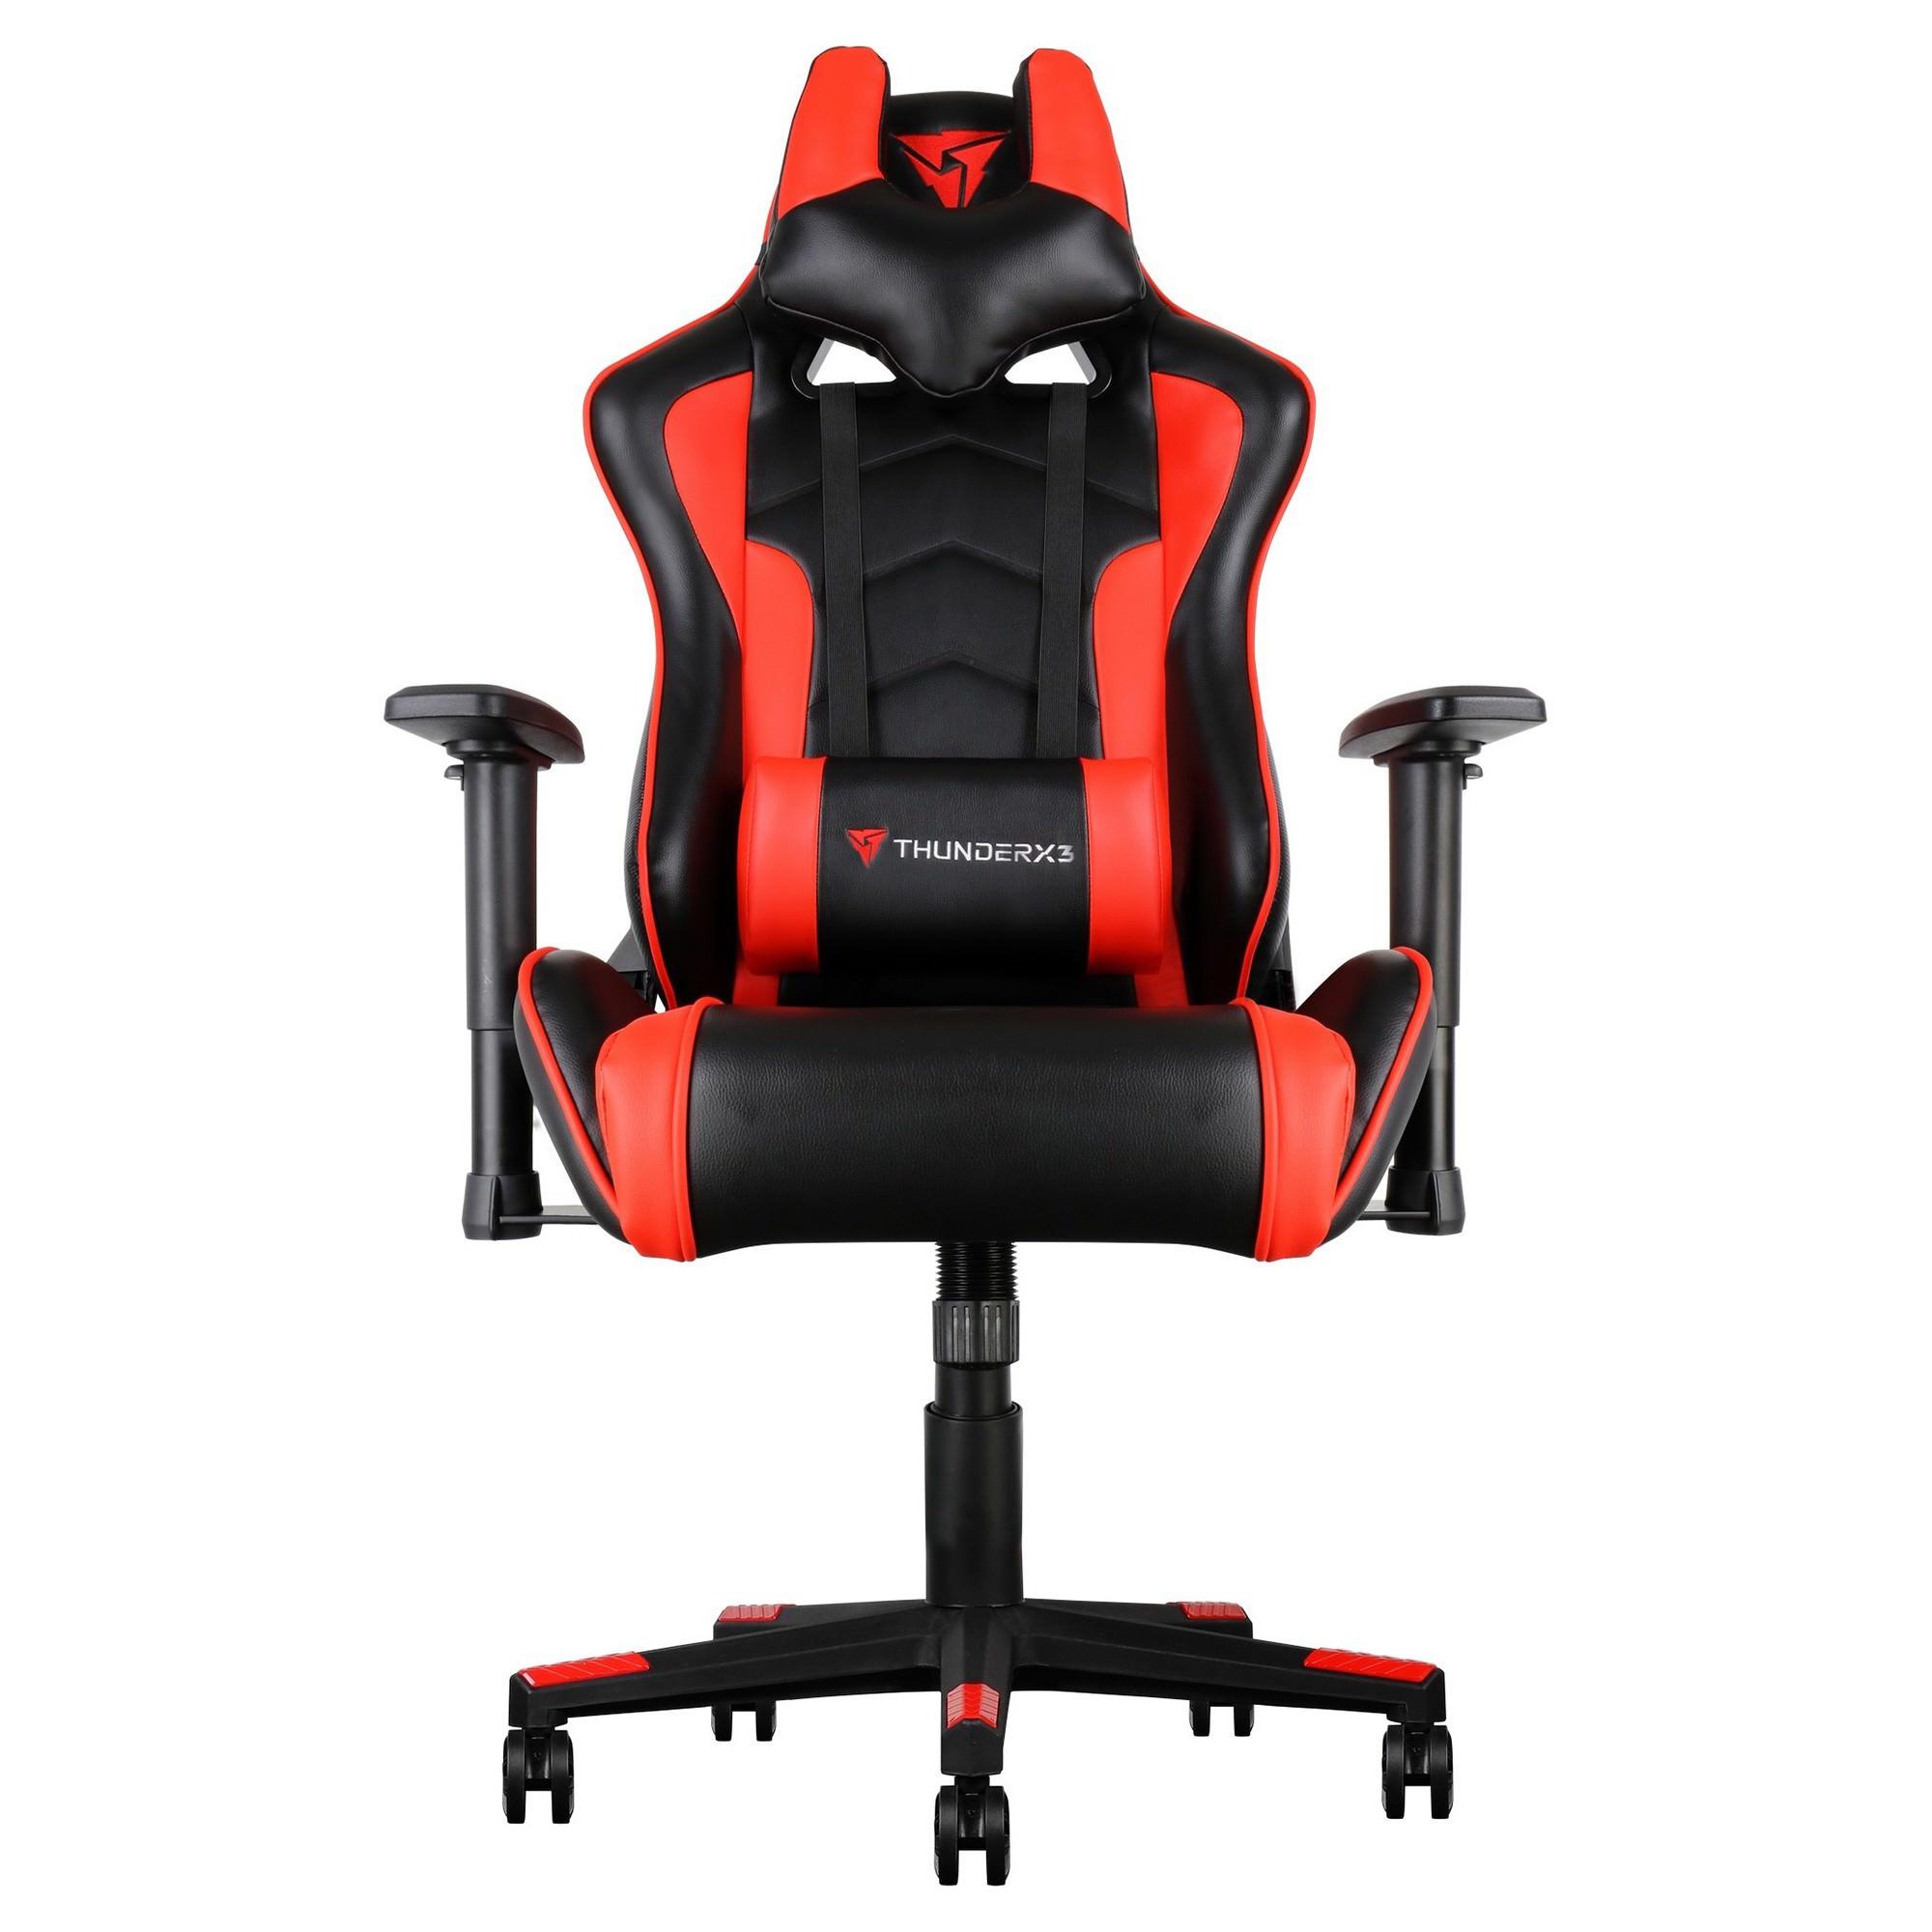 ThunderX3 TGC22 Gaming Chair, Black / Red